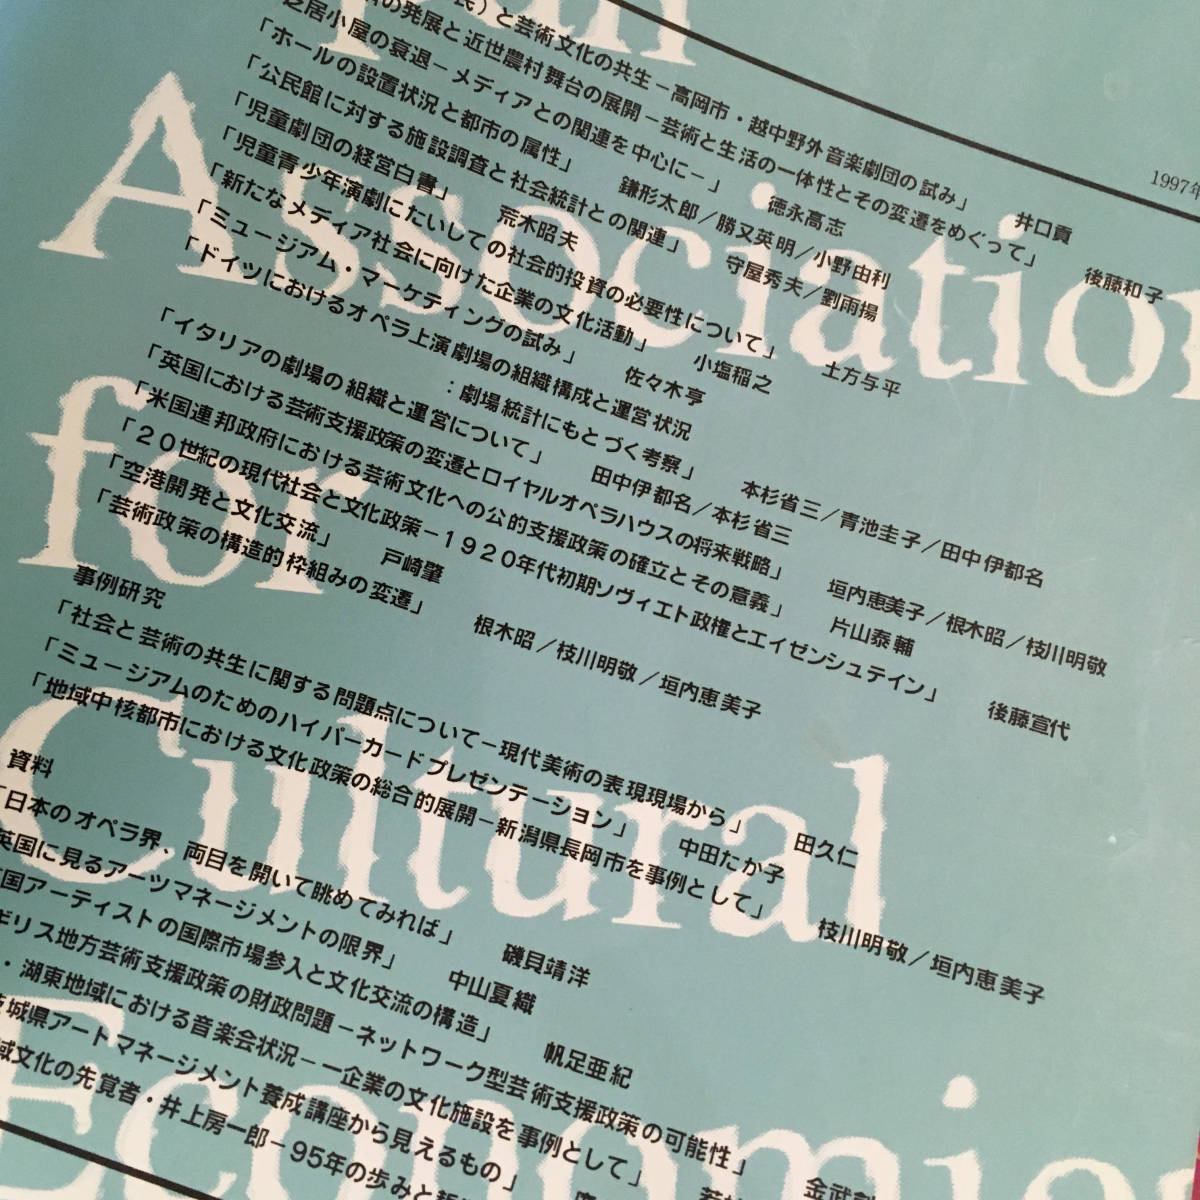 まとめて24冊◆文化経済学論文集◆地域経済の発展◆芸術振興◆メディア社会◆公共文化事業◆グローバル経済◆マーケティング◆地域再生_画像8